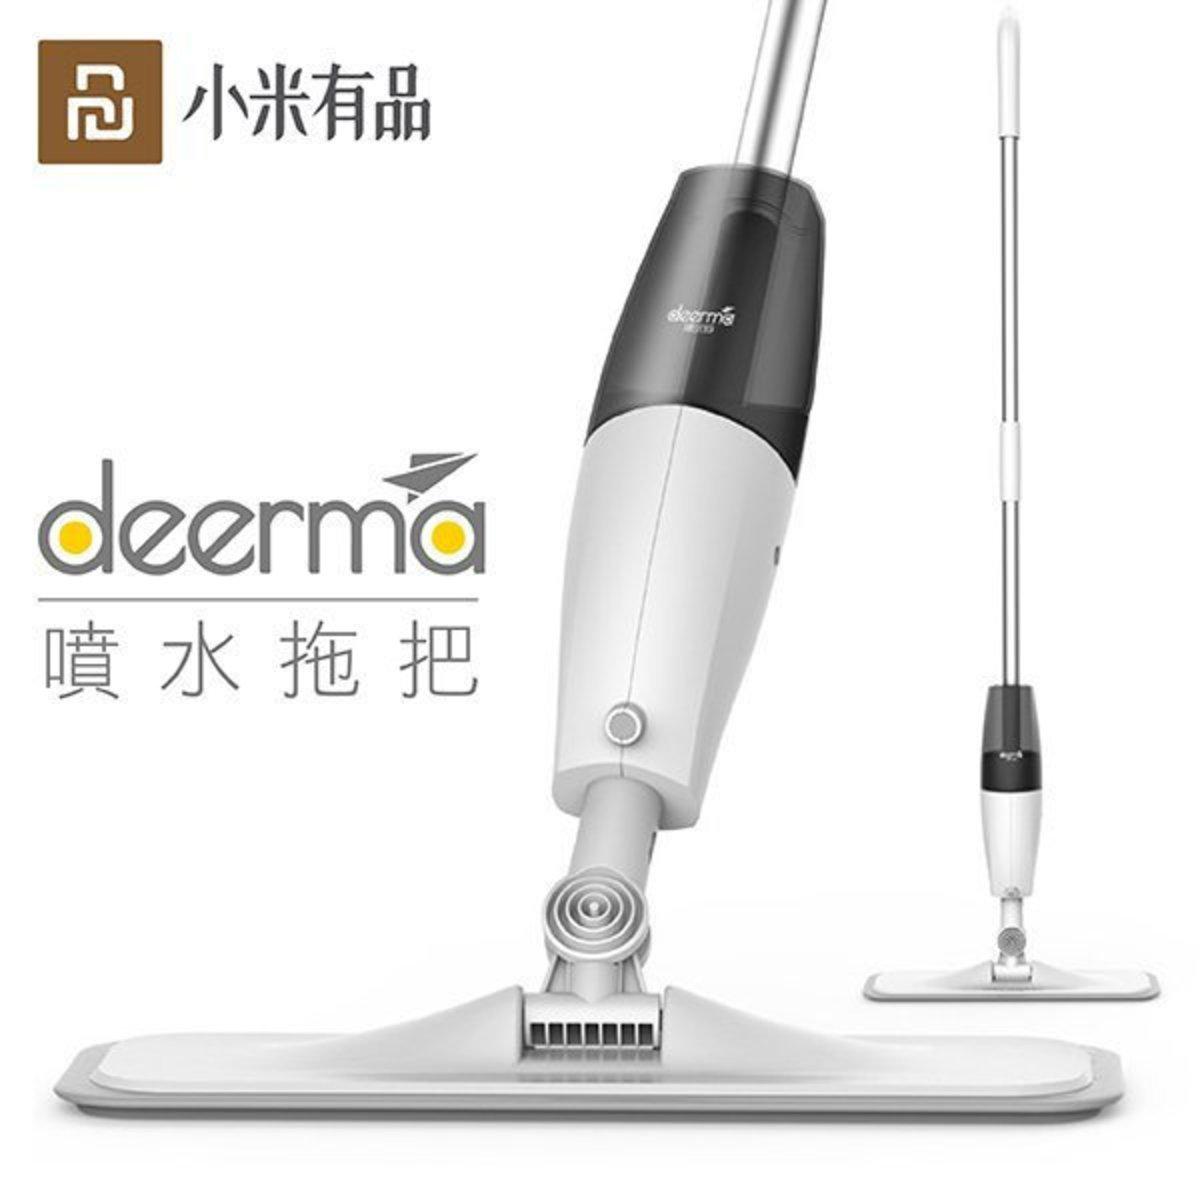 德爾瑪 Deerma TB500 家用地板噴霧噴水拖把